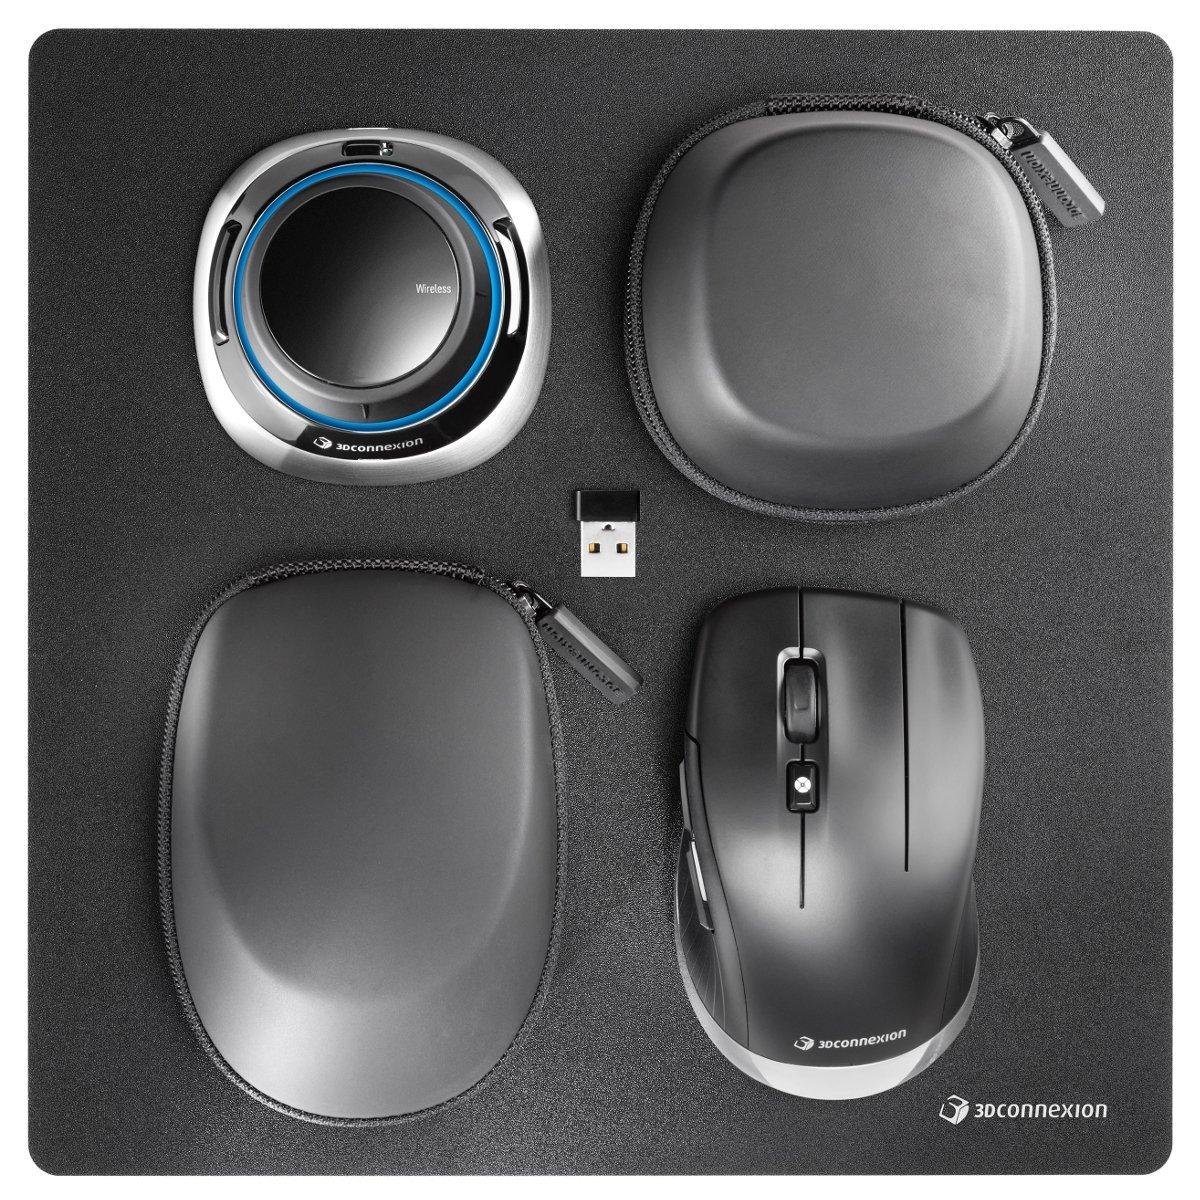 3dconnexion spacemouse wireless kit souris pc 3dconnexion sur. Black Bedroom Furniture Sets. Home Design Ideas